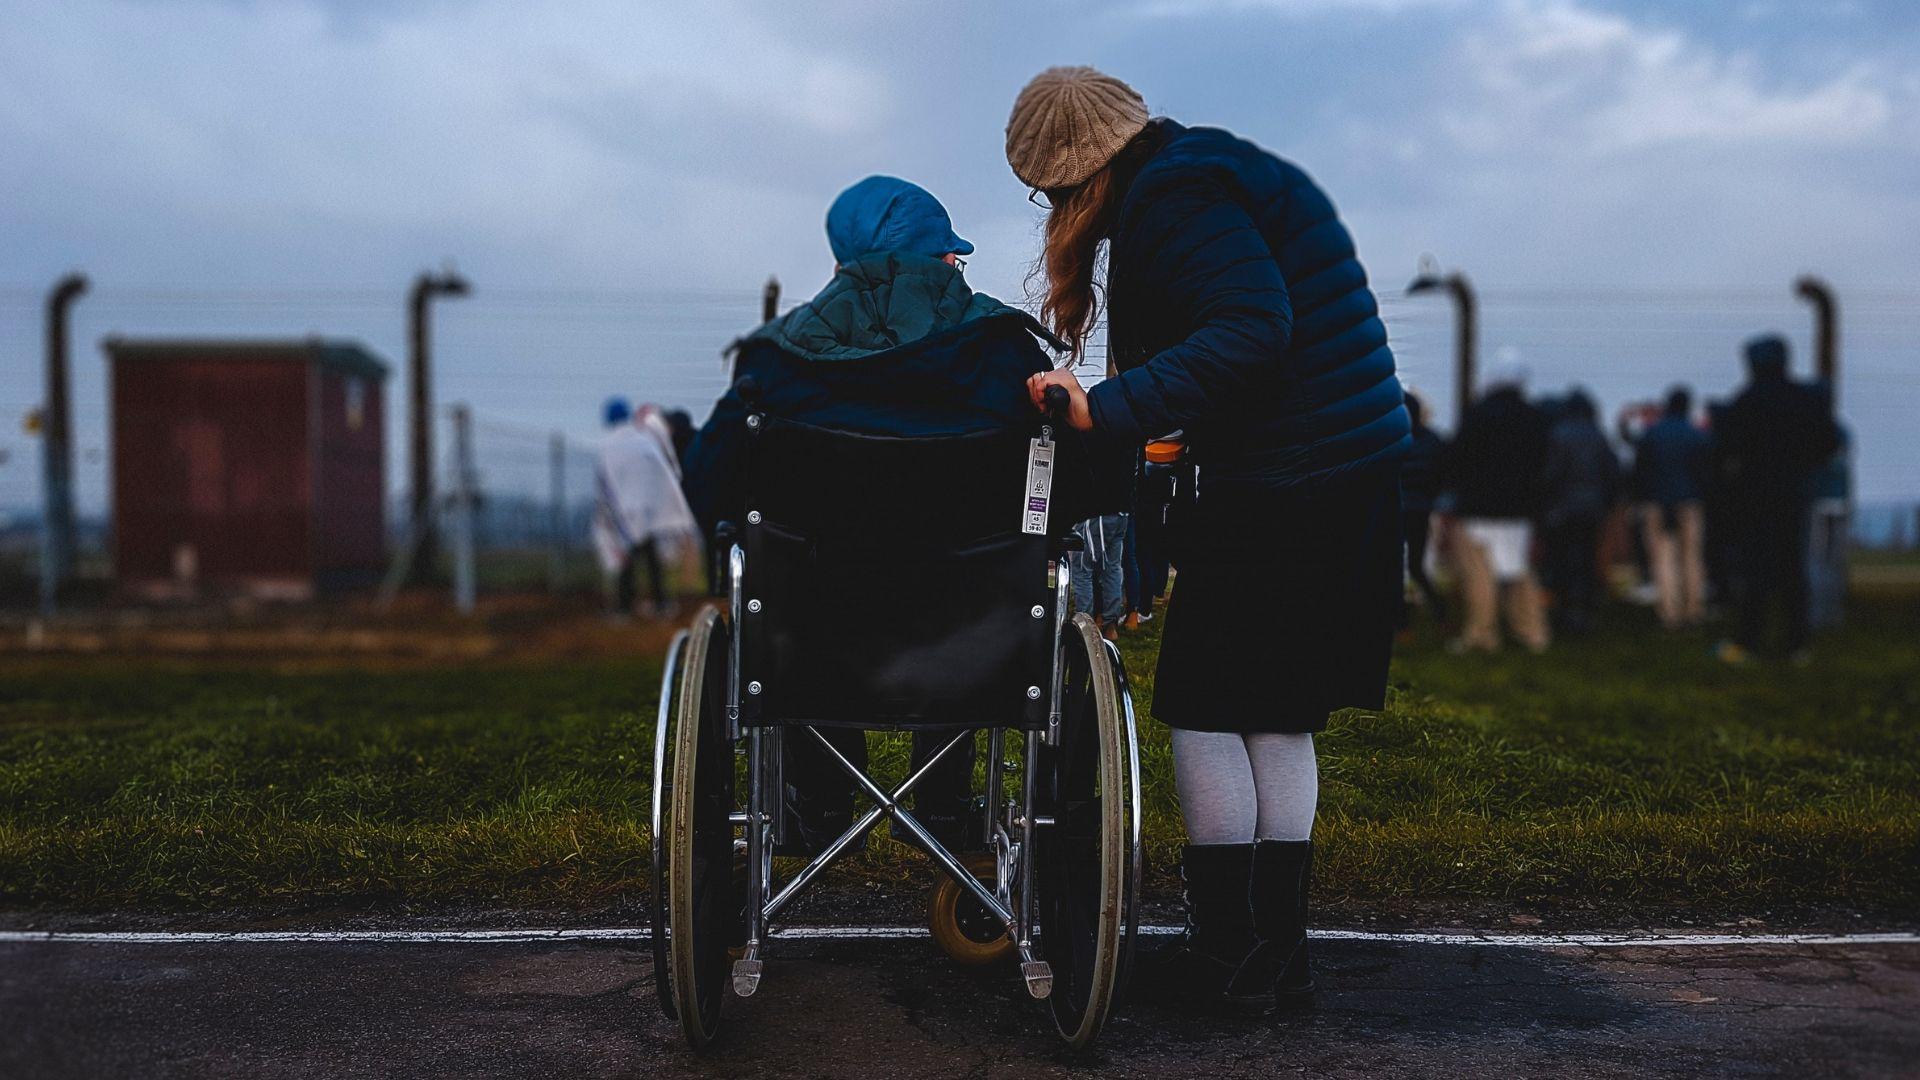 Gundelik Hayatta Engelli Dostlarimiza Karsi 5 Sorumlulugumuz Caregiver Elderly Care Parkinsons Disease